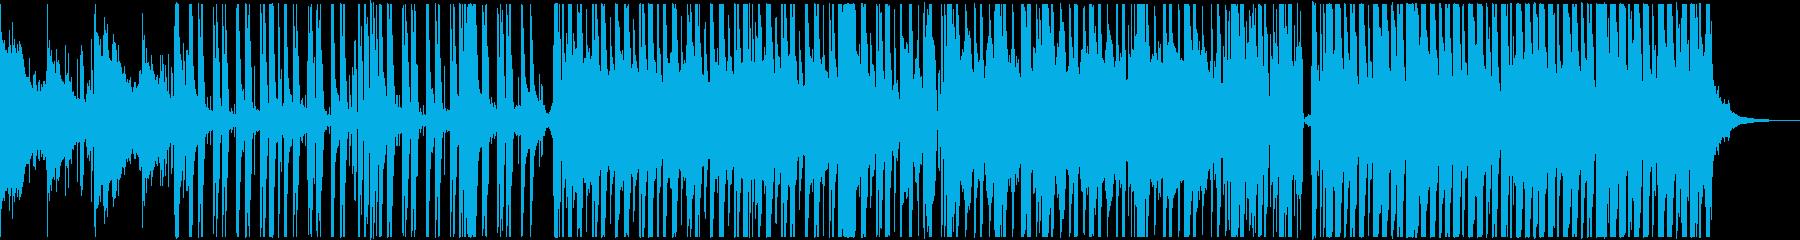 シンセとカリンバが融合したダンスチューンの再生済みの波形